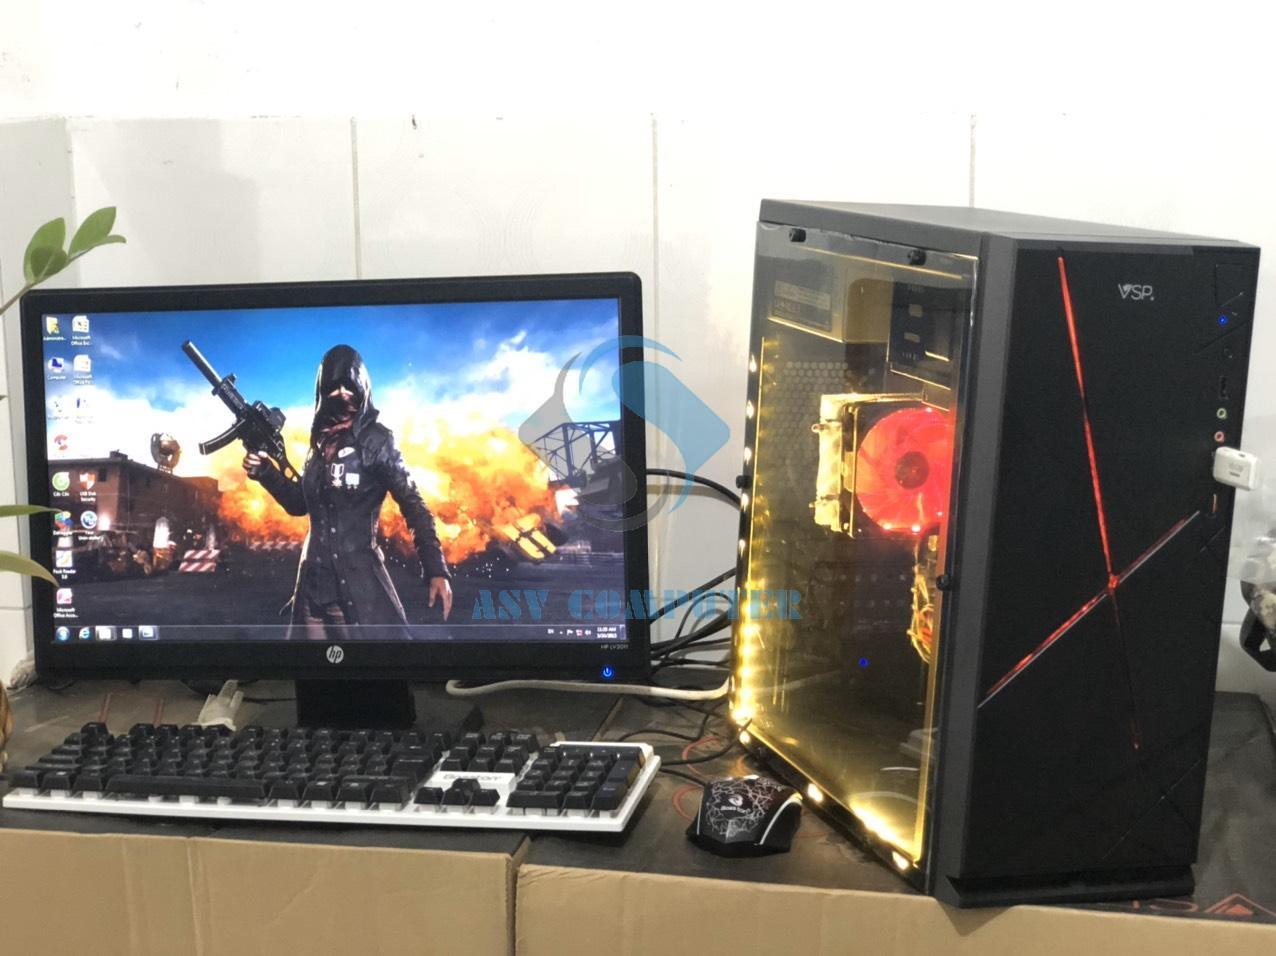 PC Chơi Game A6 6400 3.6Ghz/ Ram 8G/ Vga 4G/ Hdd 250G/ Case Nguồn/ Phím Chuột LED, Màn Hình 19inch (như Hình) Cùng Khuyến Mại Sốc